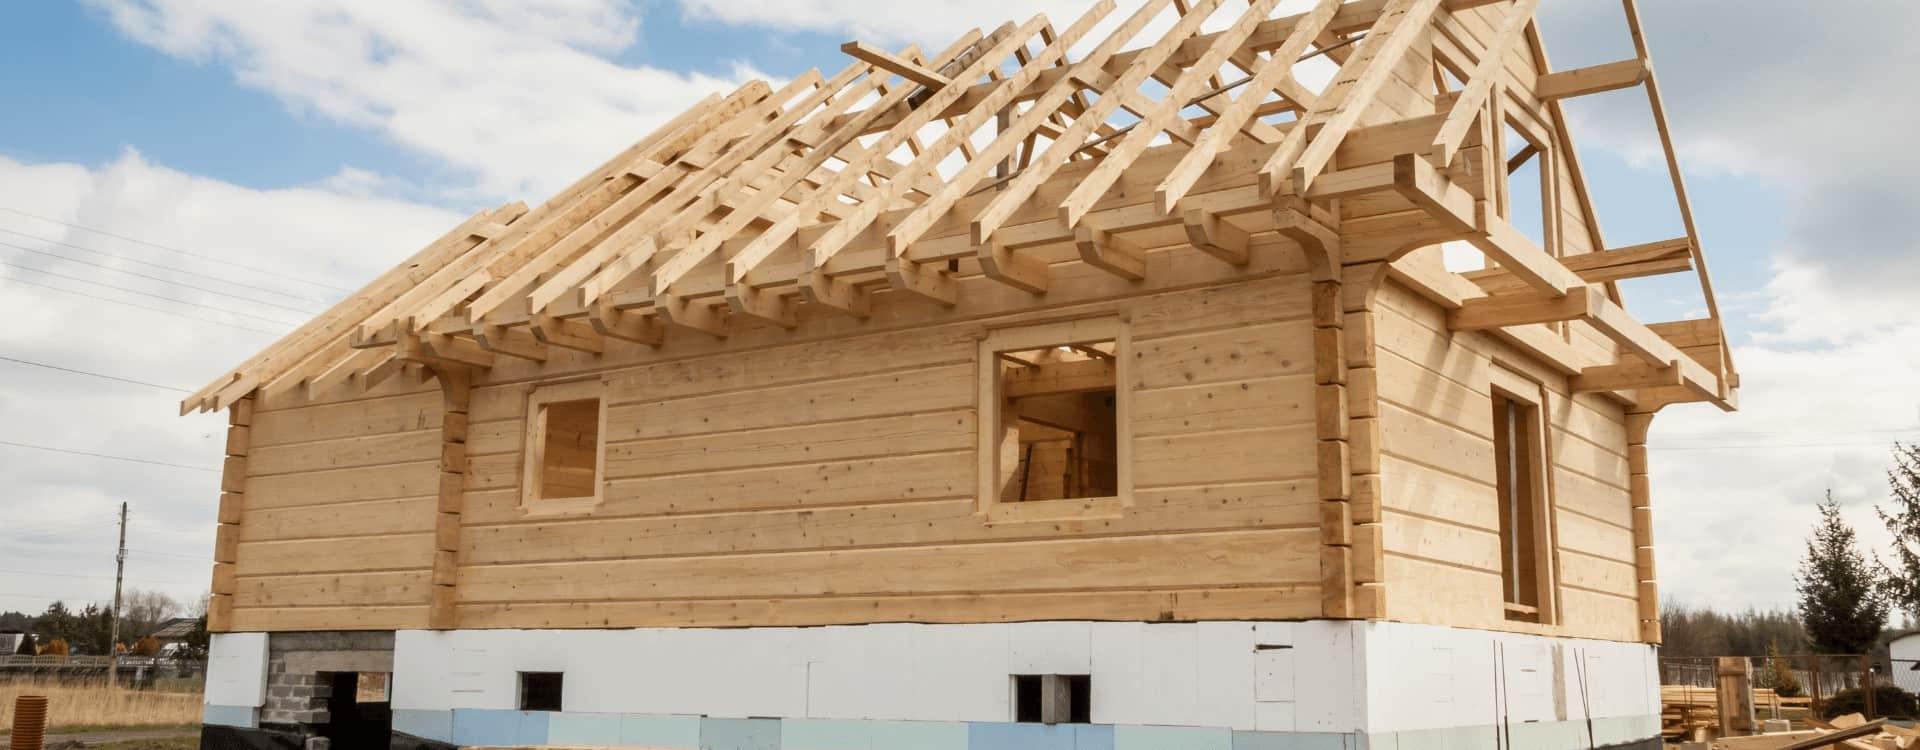 la-construccion-casa-madera